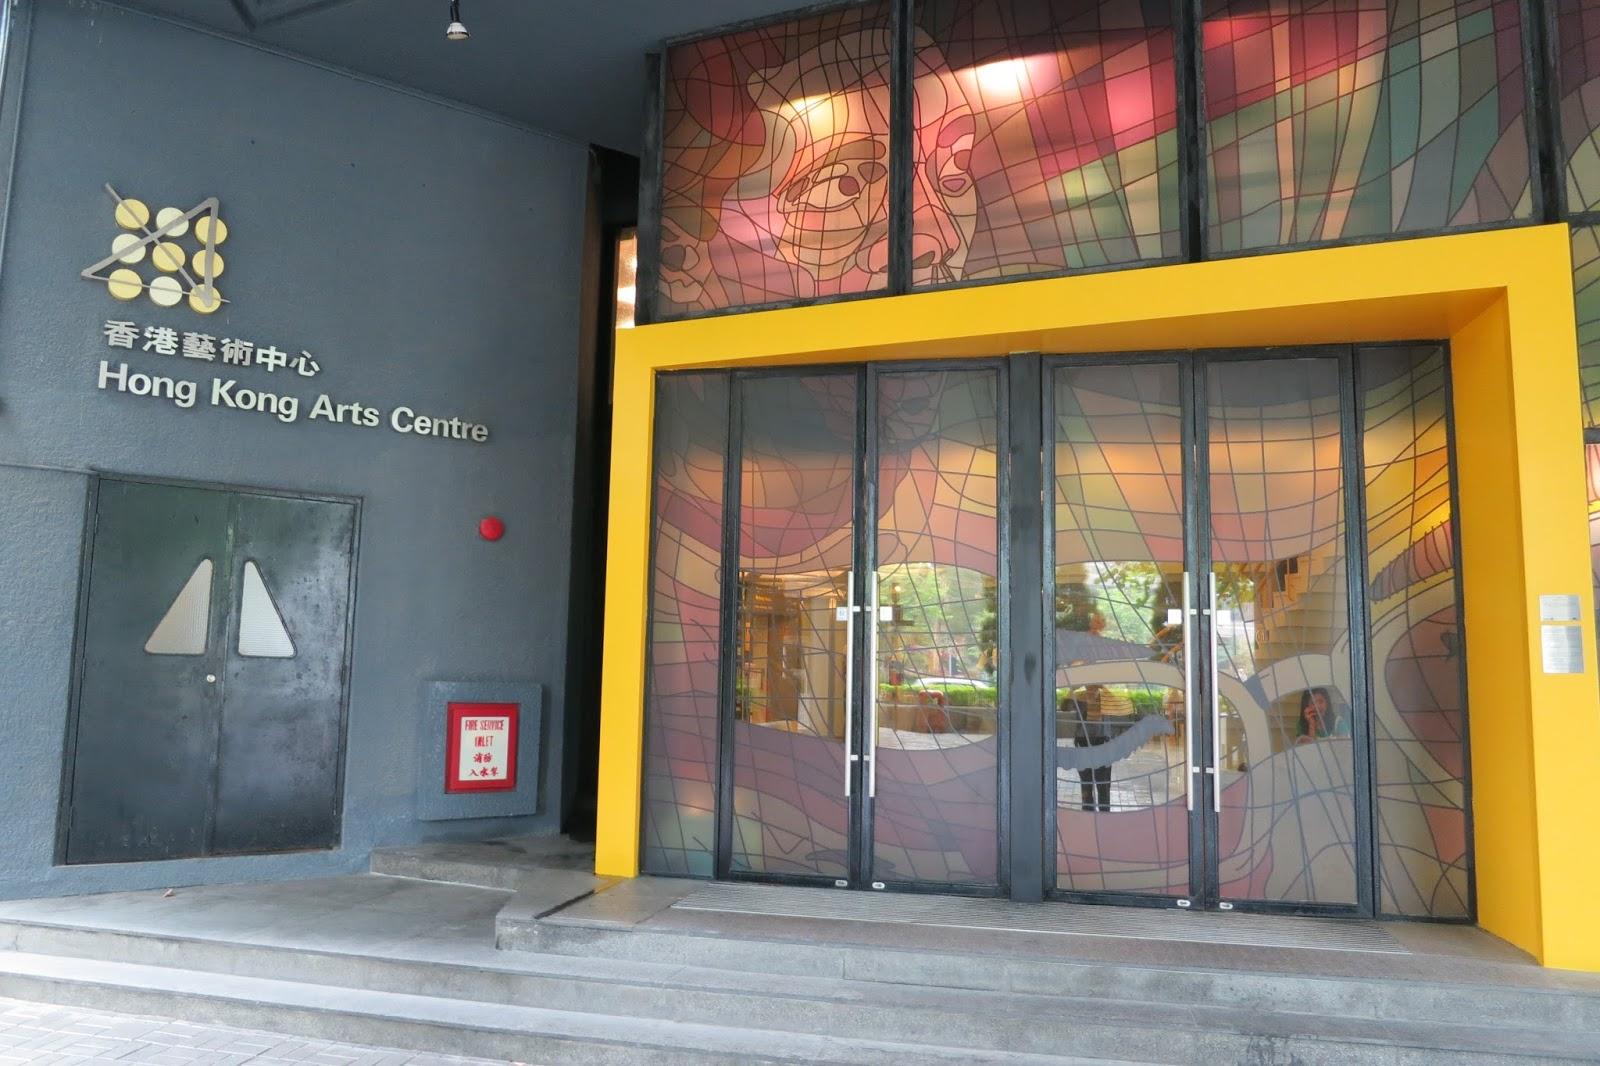 香港藝術中心 - 展覽,特色景點 - SeeWide